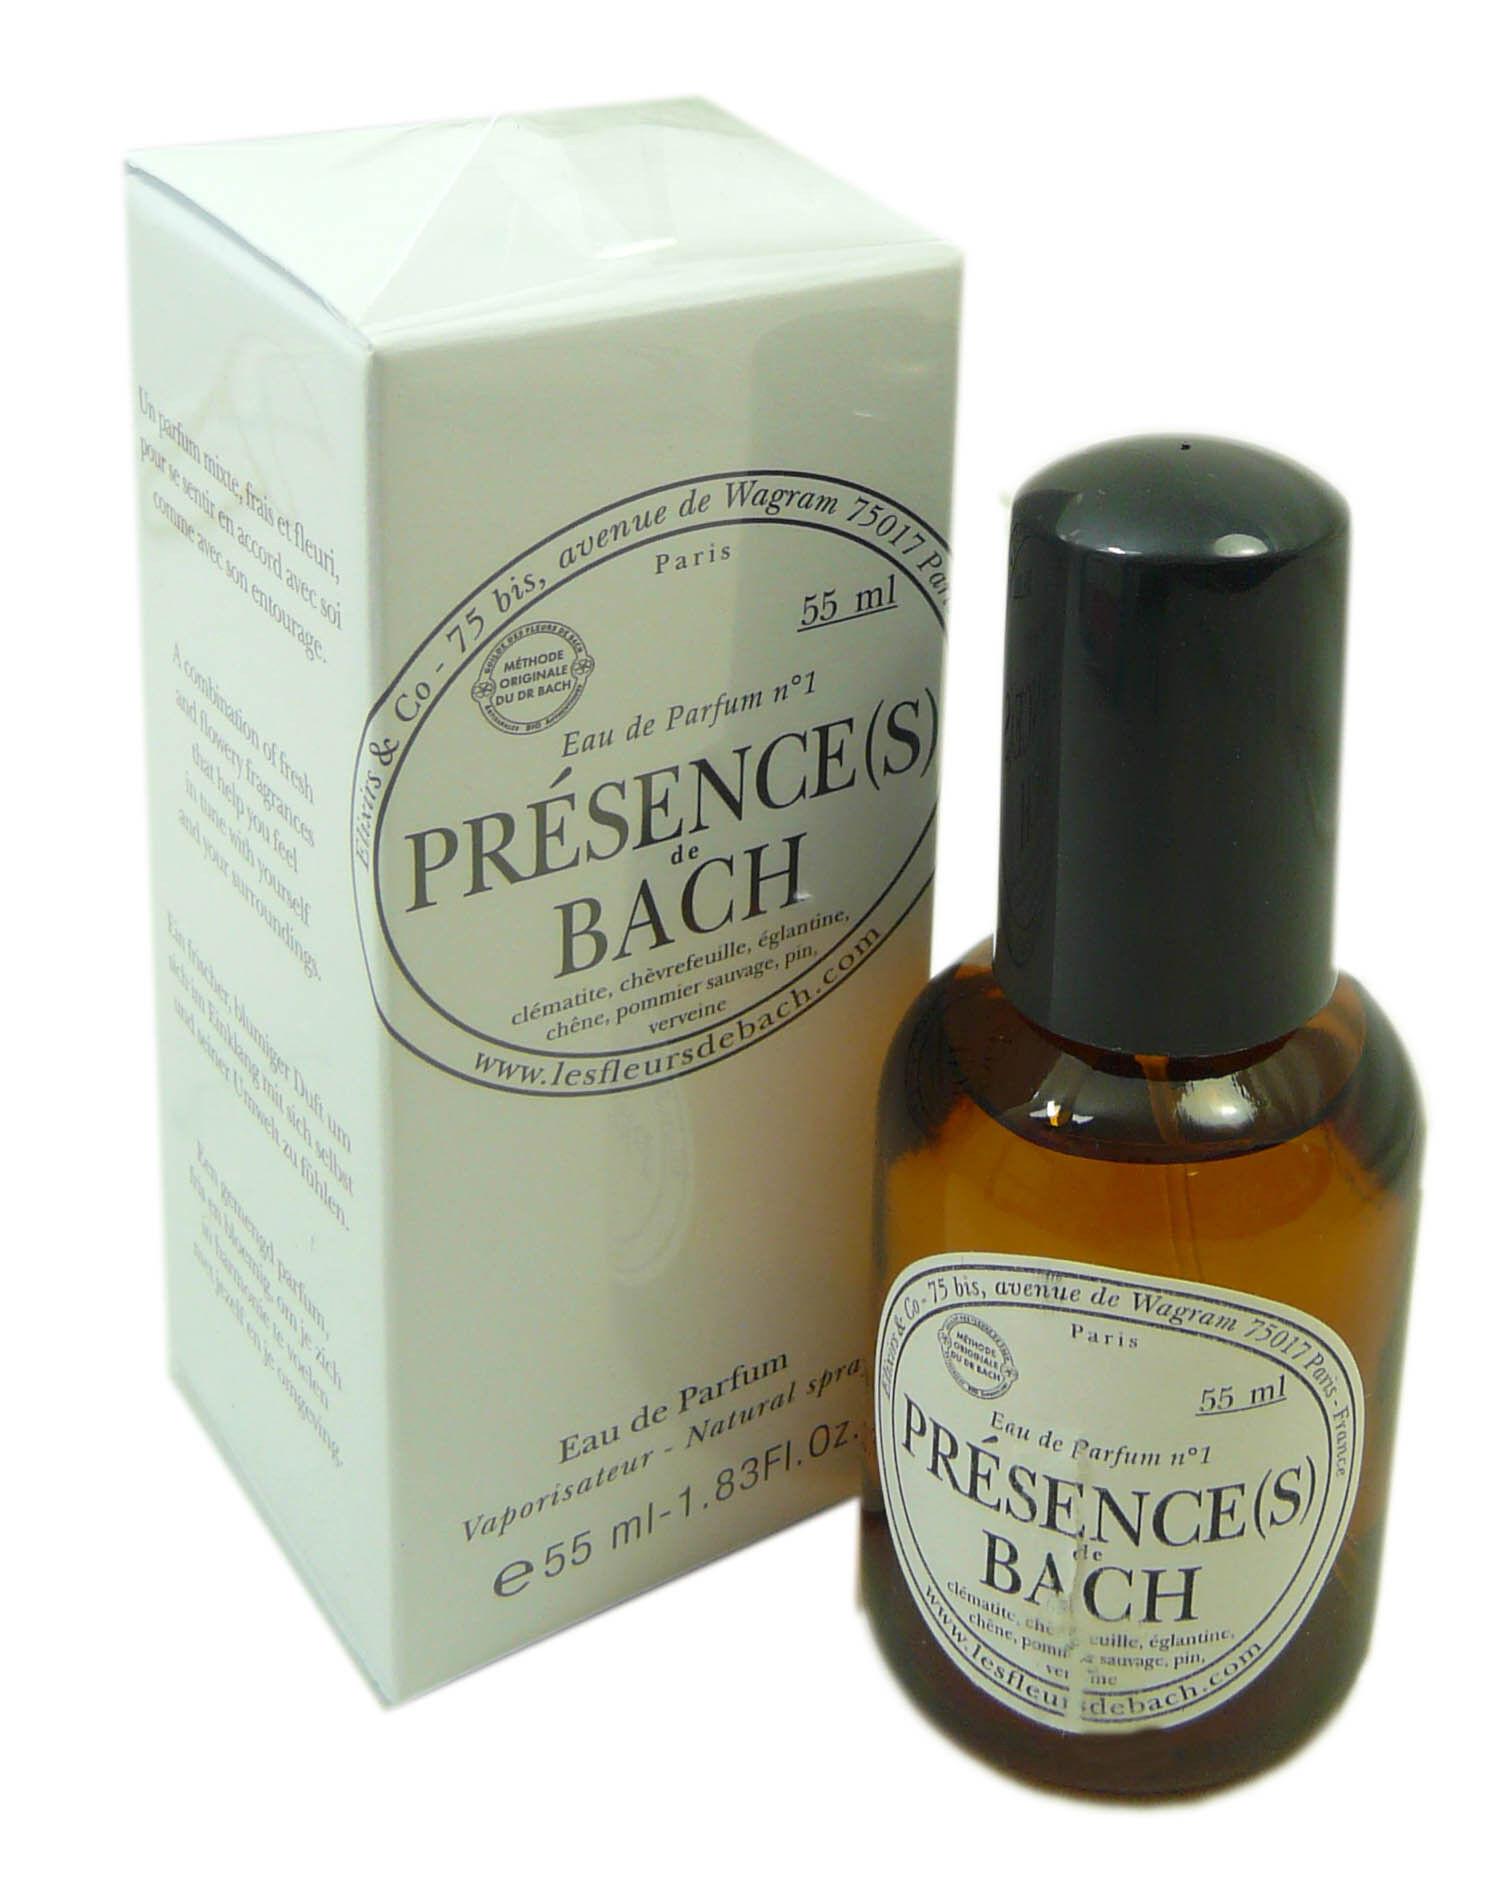 Elixirs & co fleurs de bach eau de parfum presence  55ml